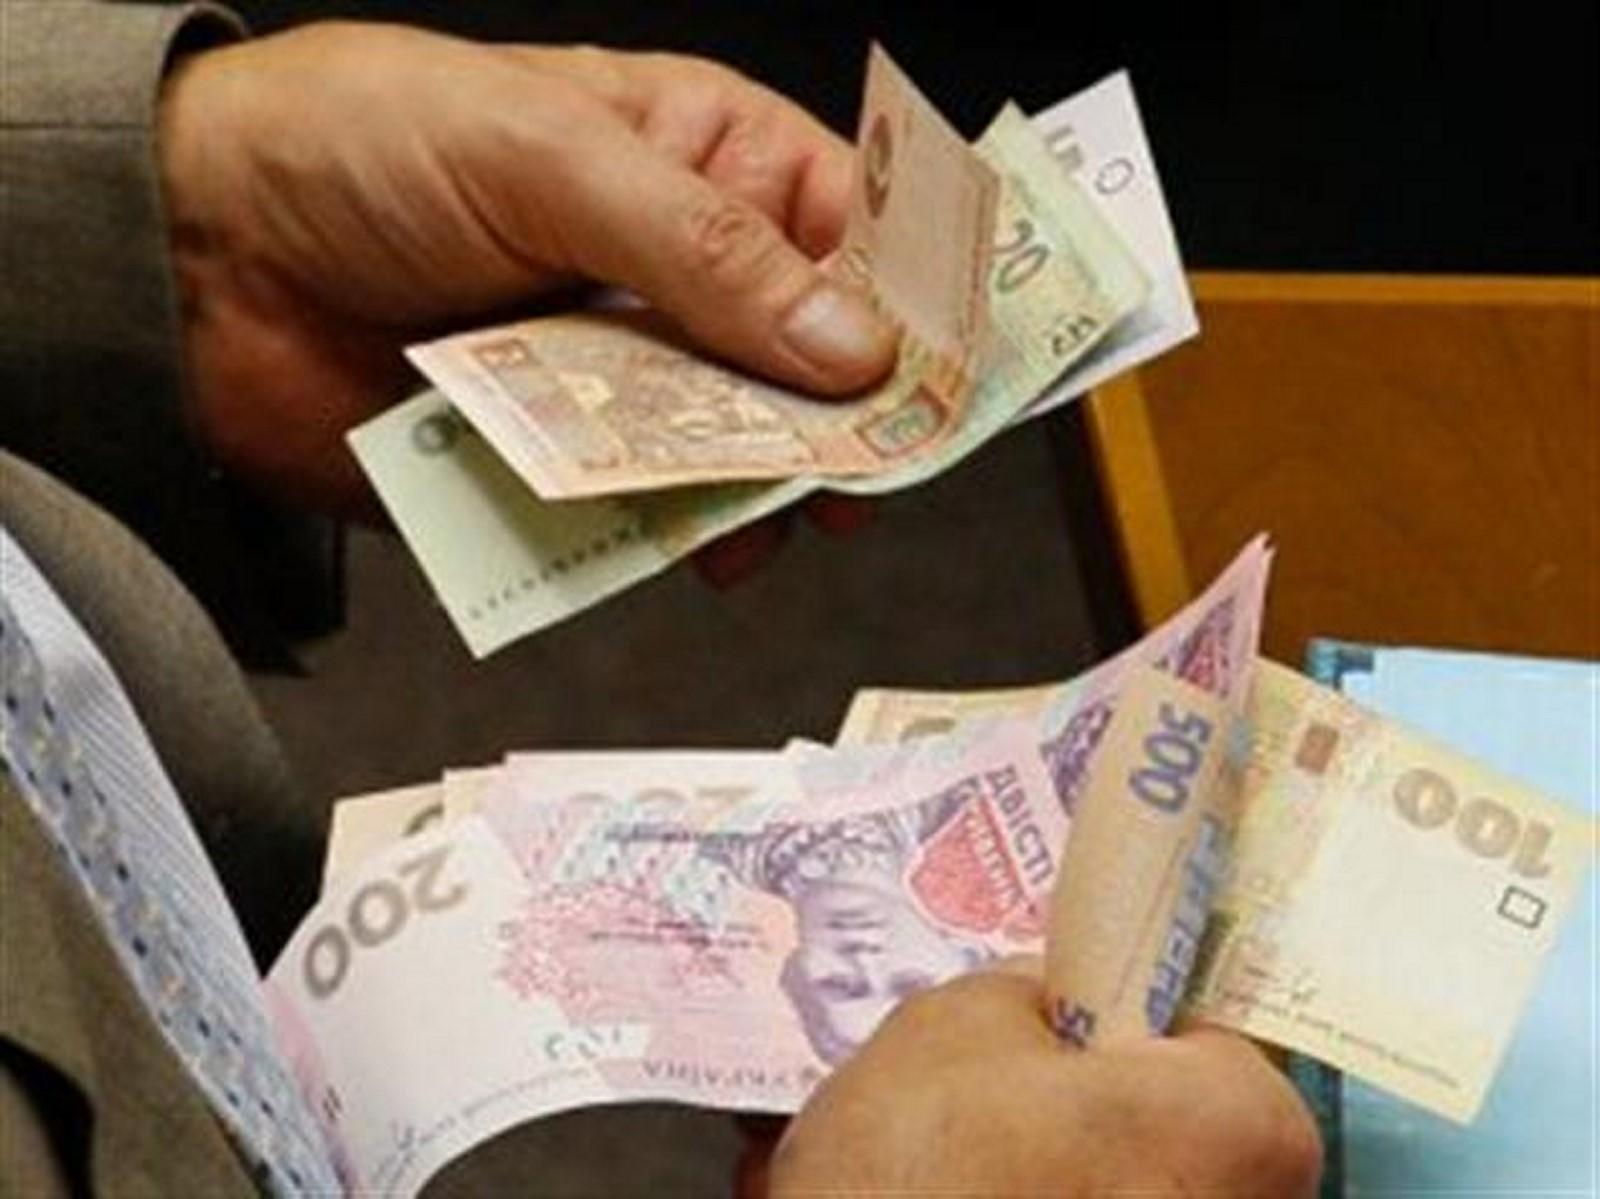 Директор КП из Николаевки выписал сам себе премию и отделался вдвое меньшим штрафом